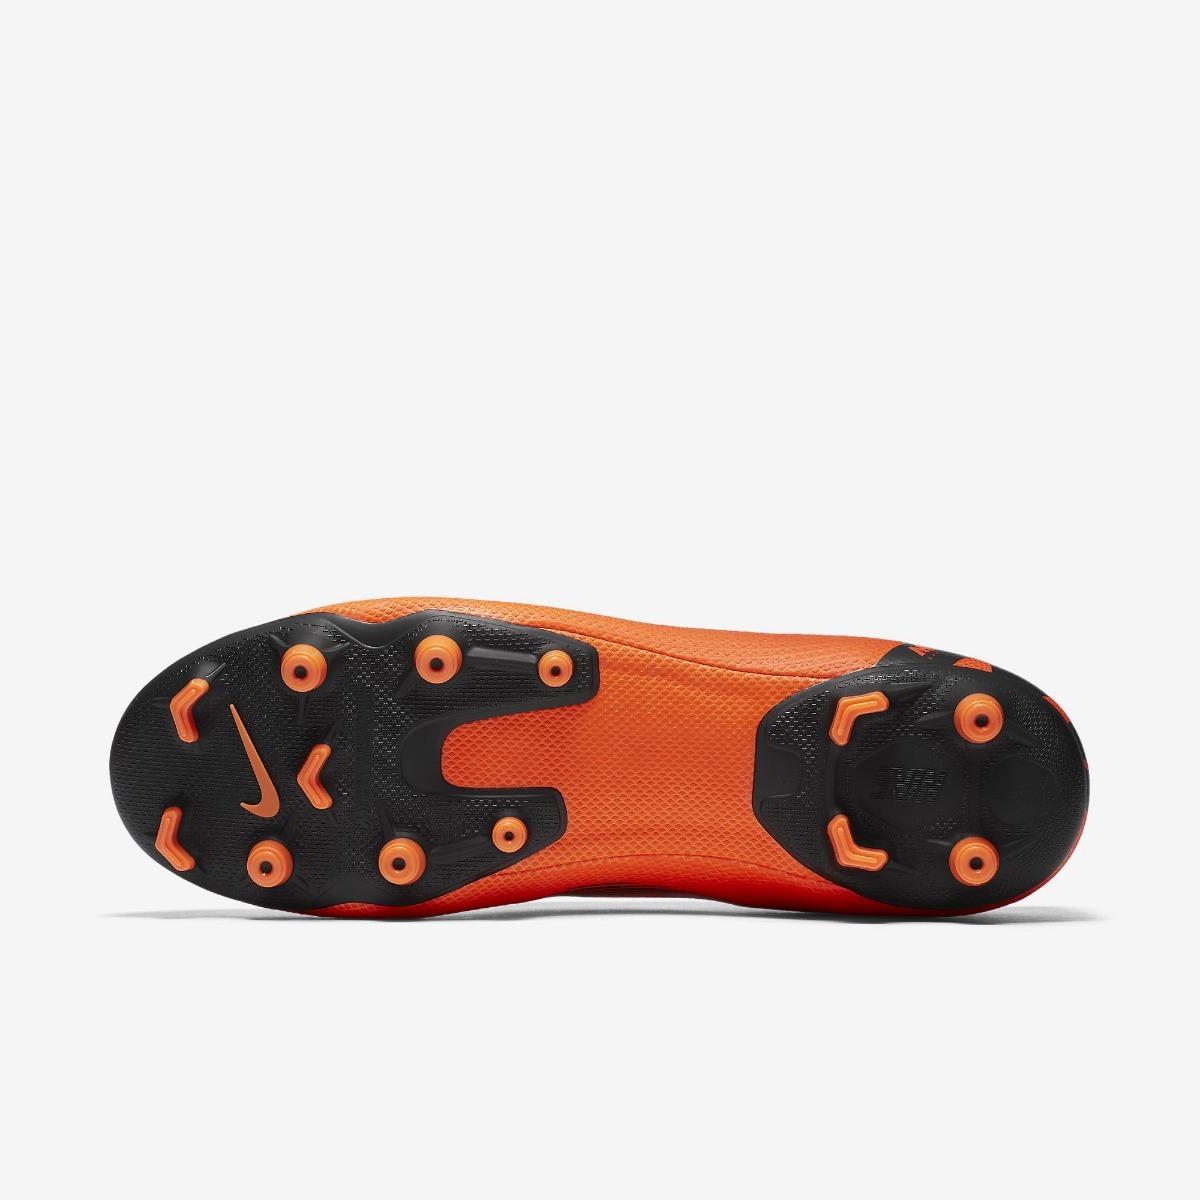 chuteira nike mercurial vapor 12 academy mg campo laranja. Carregando  zoom... chuteira nike campo. Carregando zoom. 04f0736c1dfcb